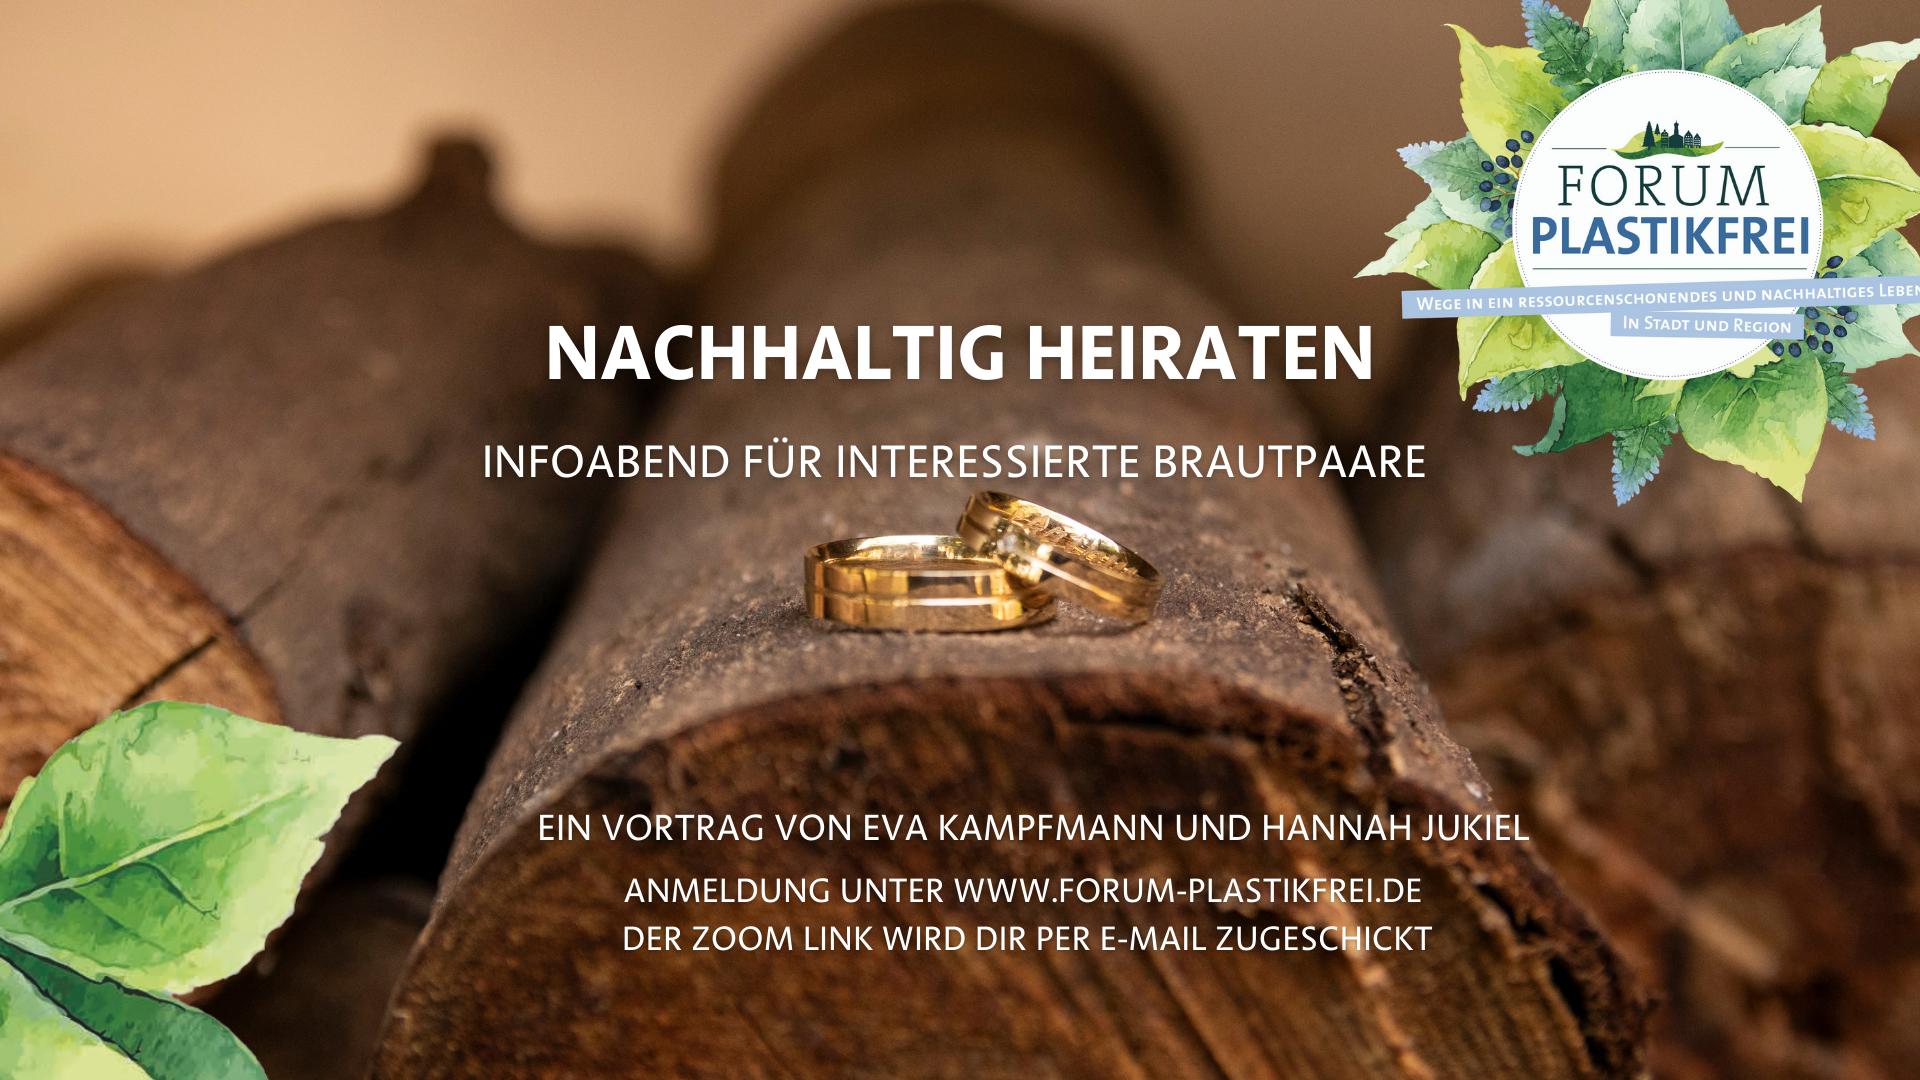 Nachhaltig heiraten – geht das?